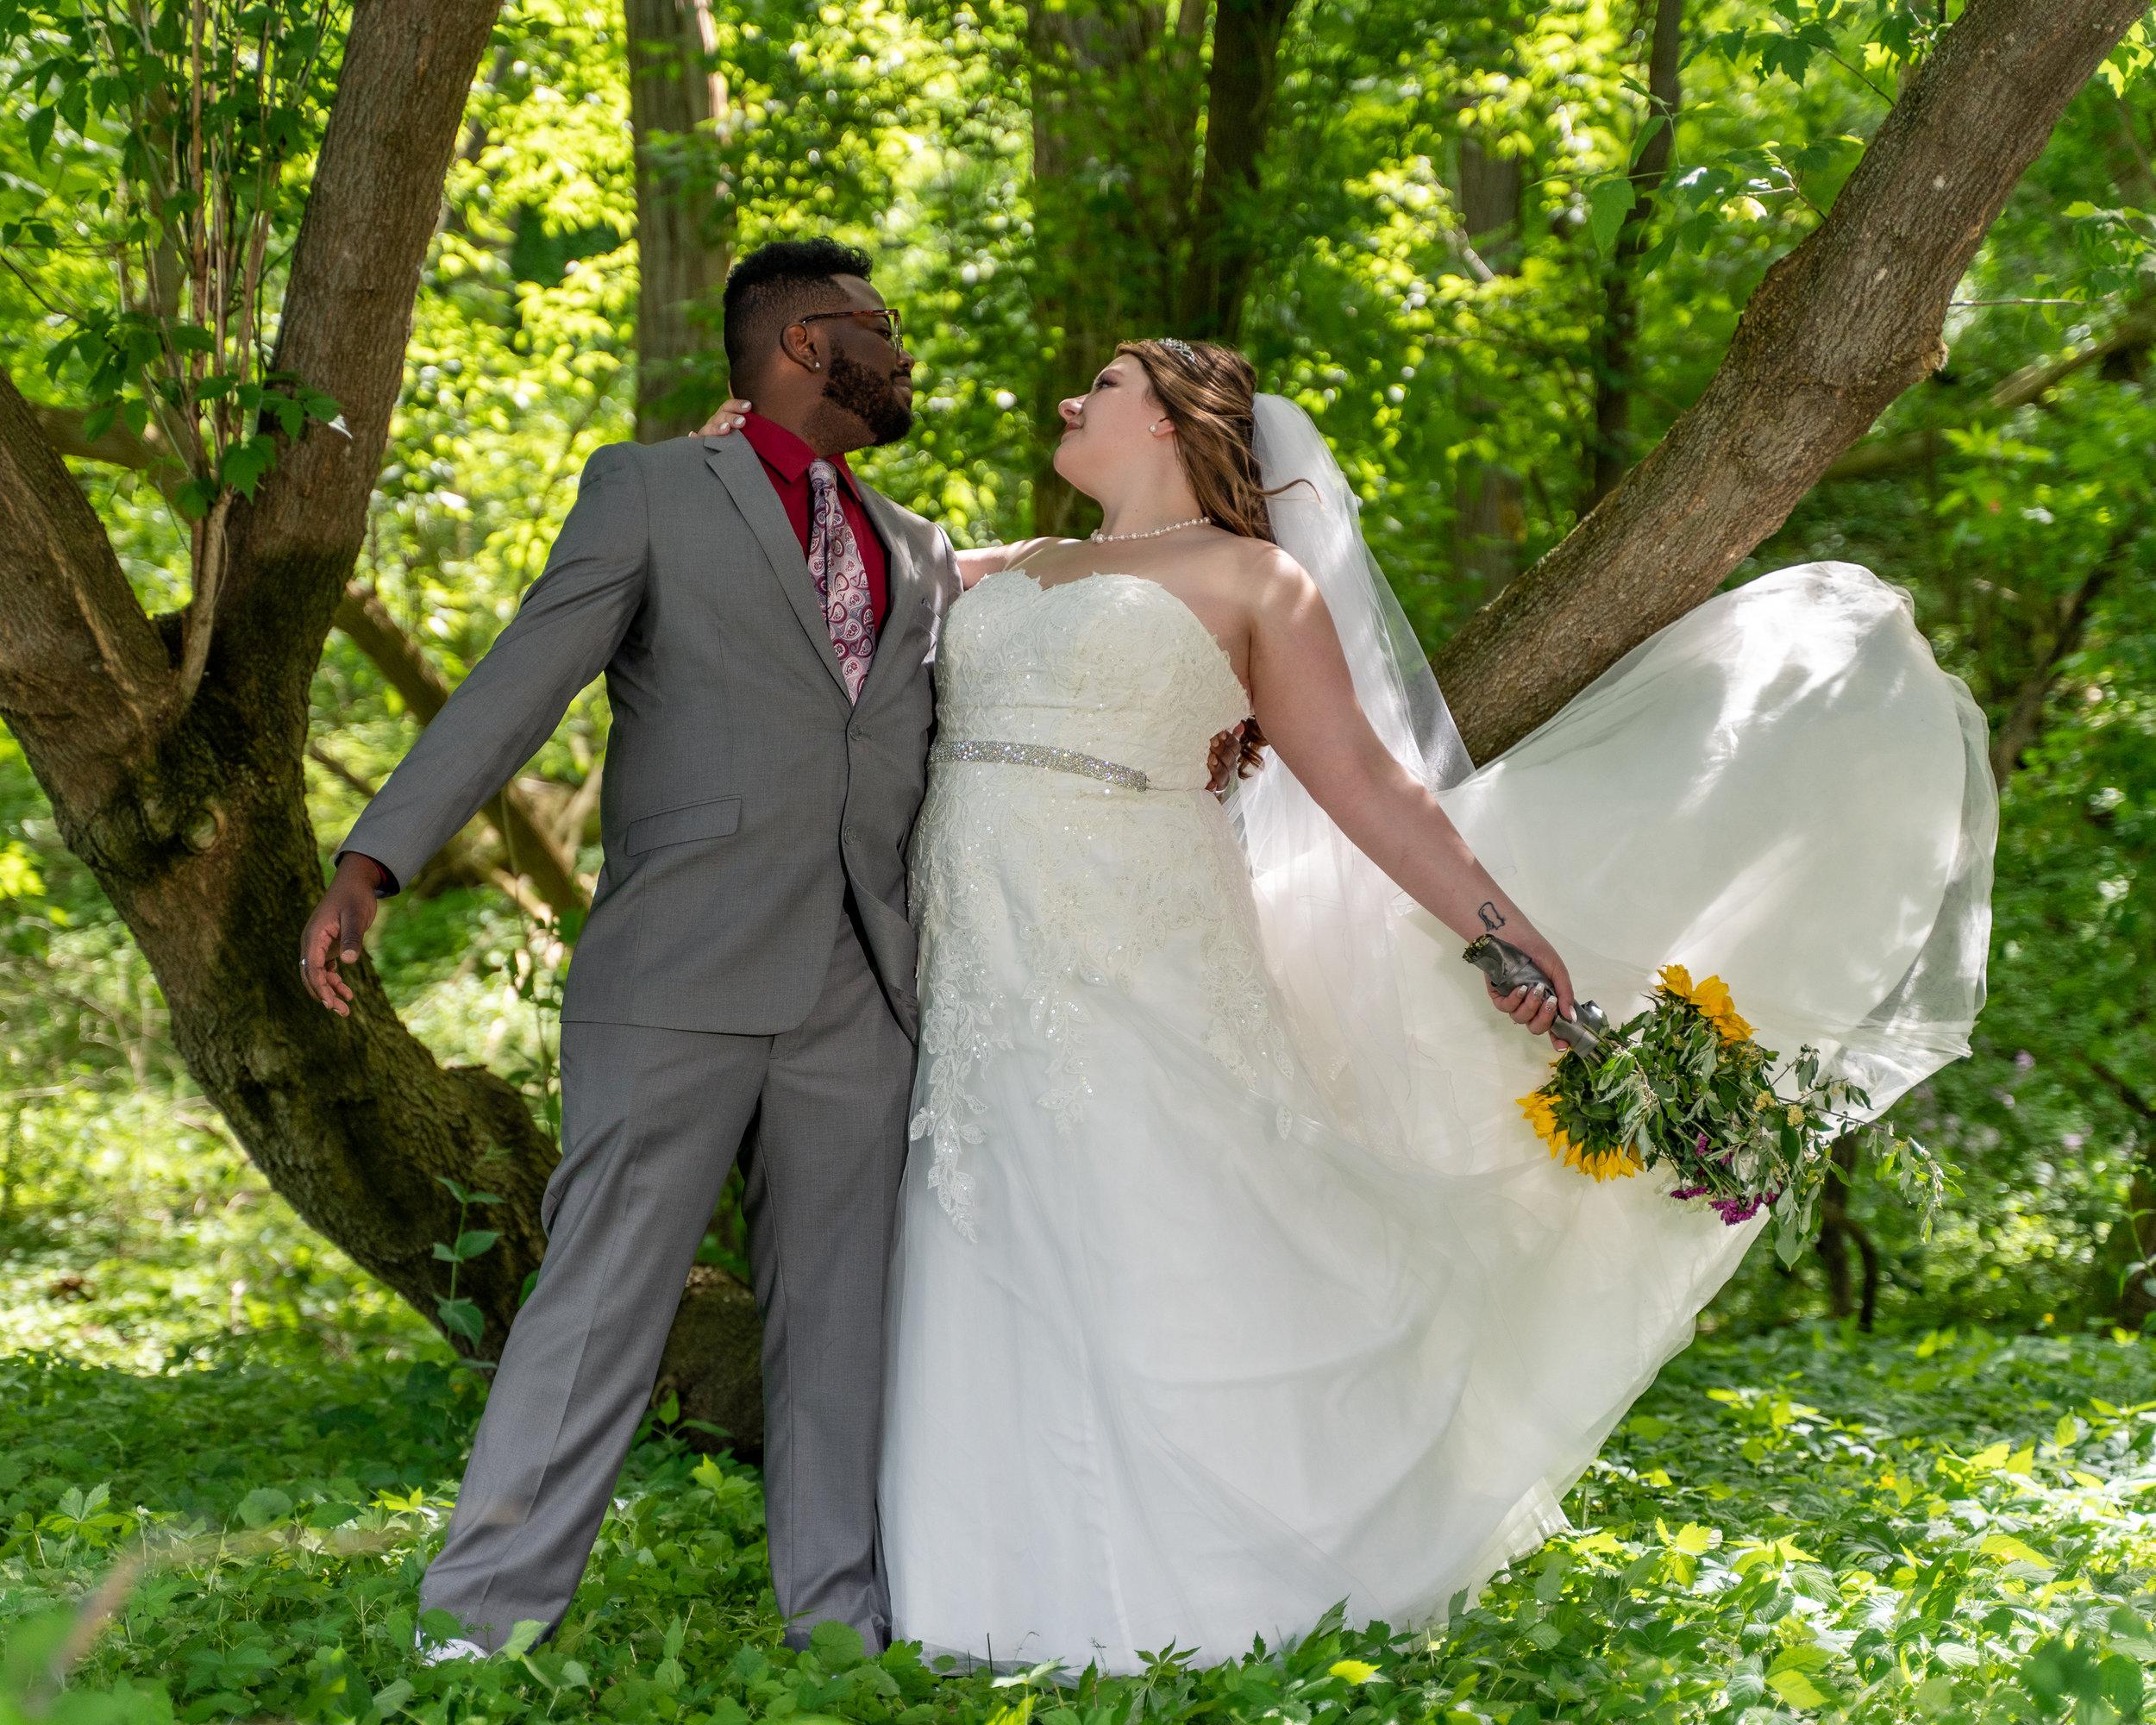 wedding 3-42.jpg